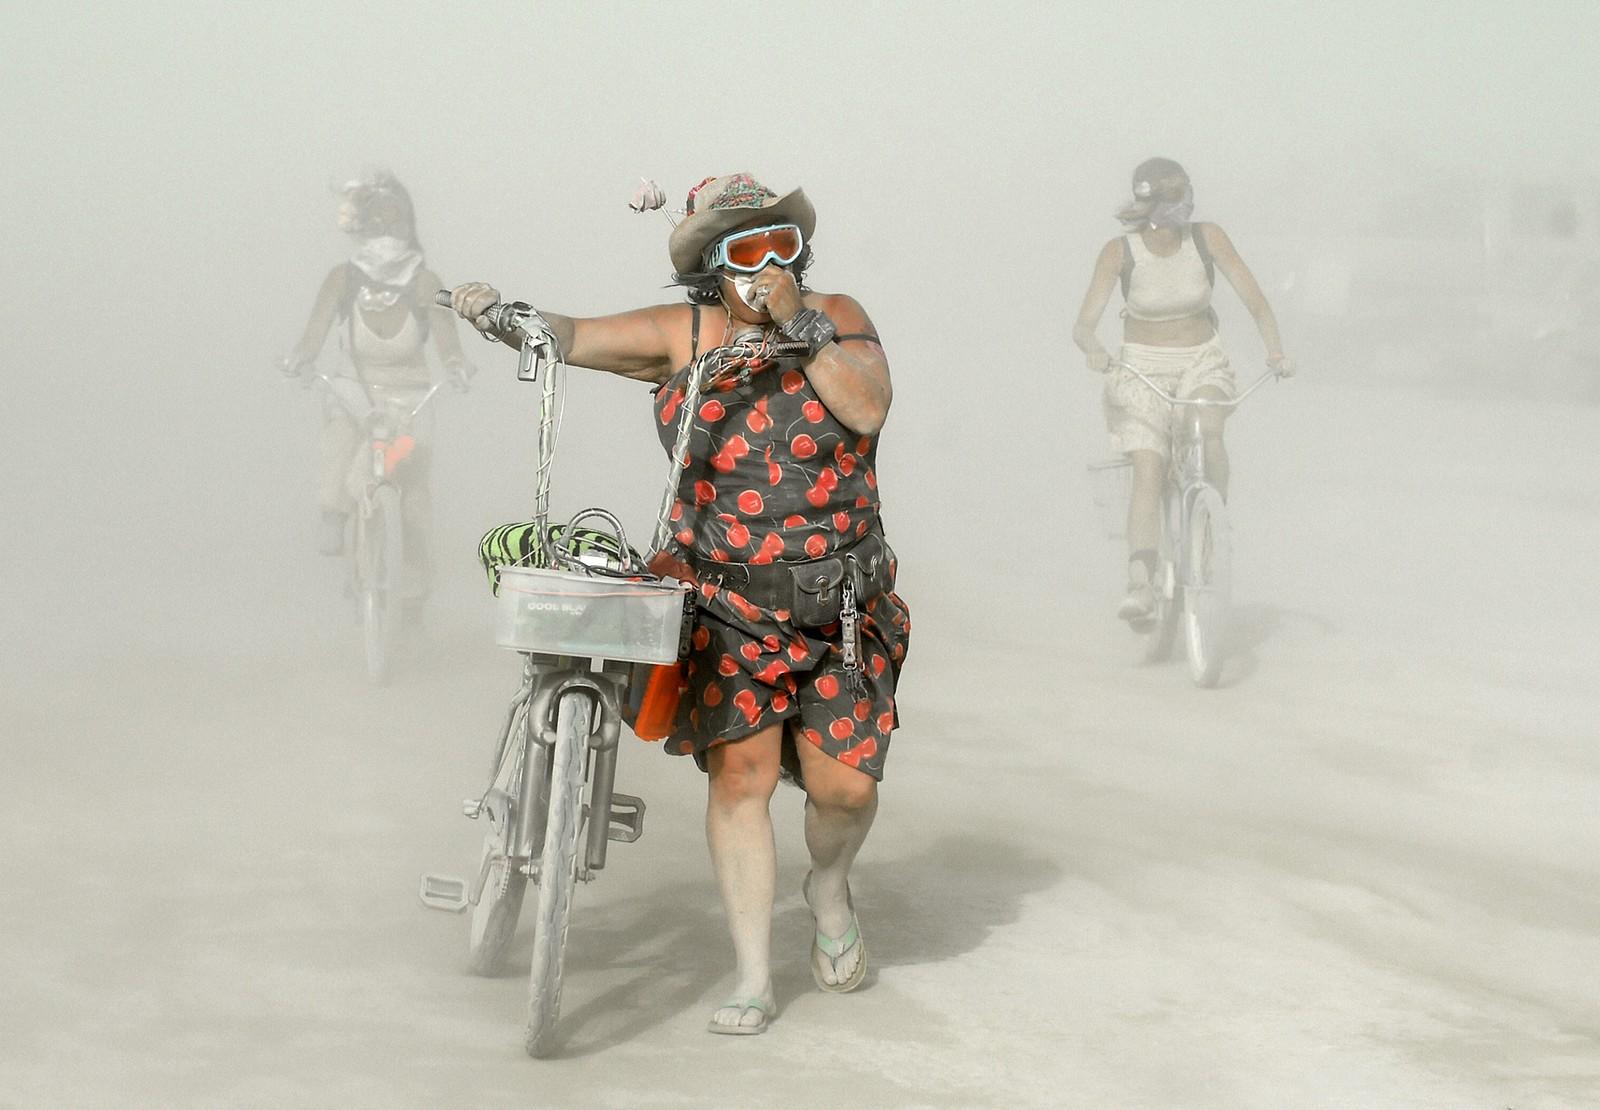 Sandstorm er ikke uvanlig under Burning Man-festivalen i Nevada, USA. Deltagerne fremmer en alternativ livsstil og festivalen avsluttes med brenningen av en enorm mannsfigur i tre - derav festivalens navn.